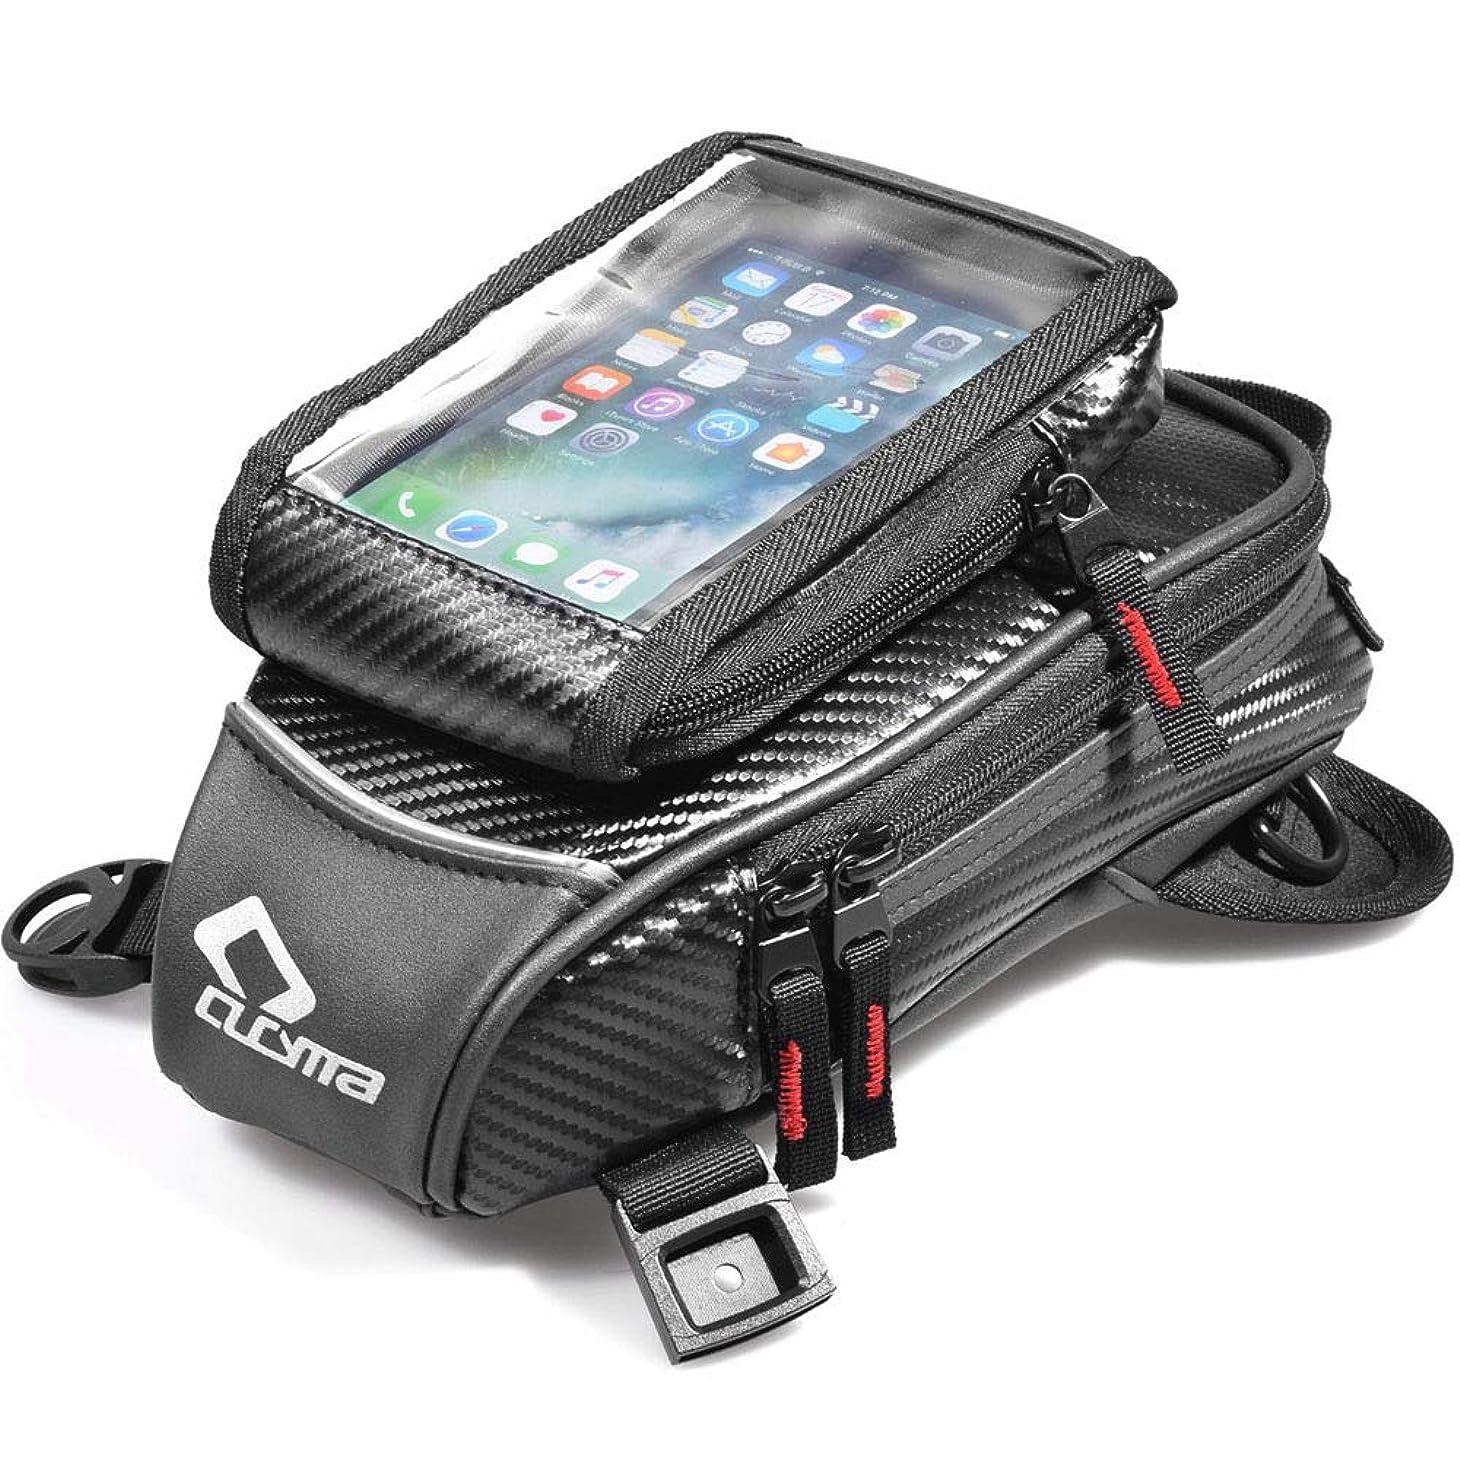 獣カスタム節約多機能バイク用レッグバッグ、オイル燃料タンクバッグ、磁気ライディングウエストパック、アウトドアトラベルバッグ防水ツールバッグブラック